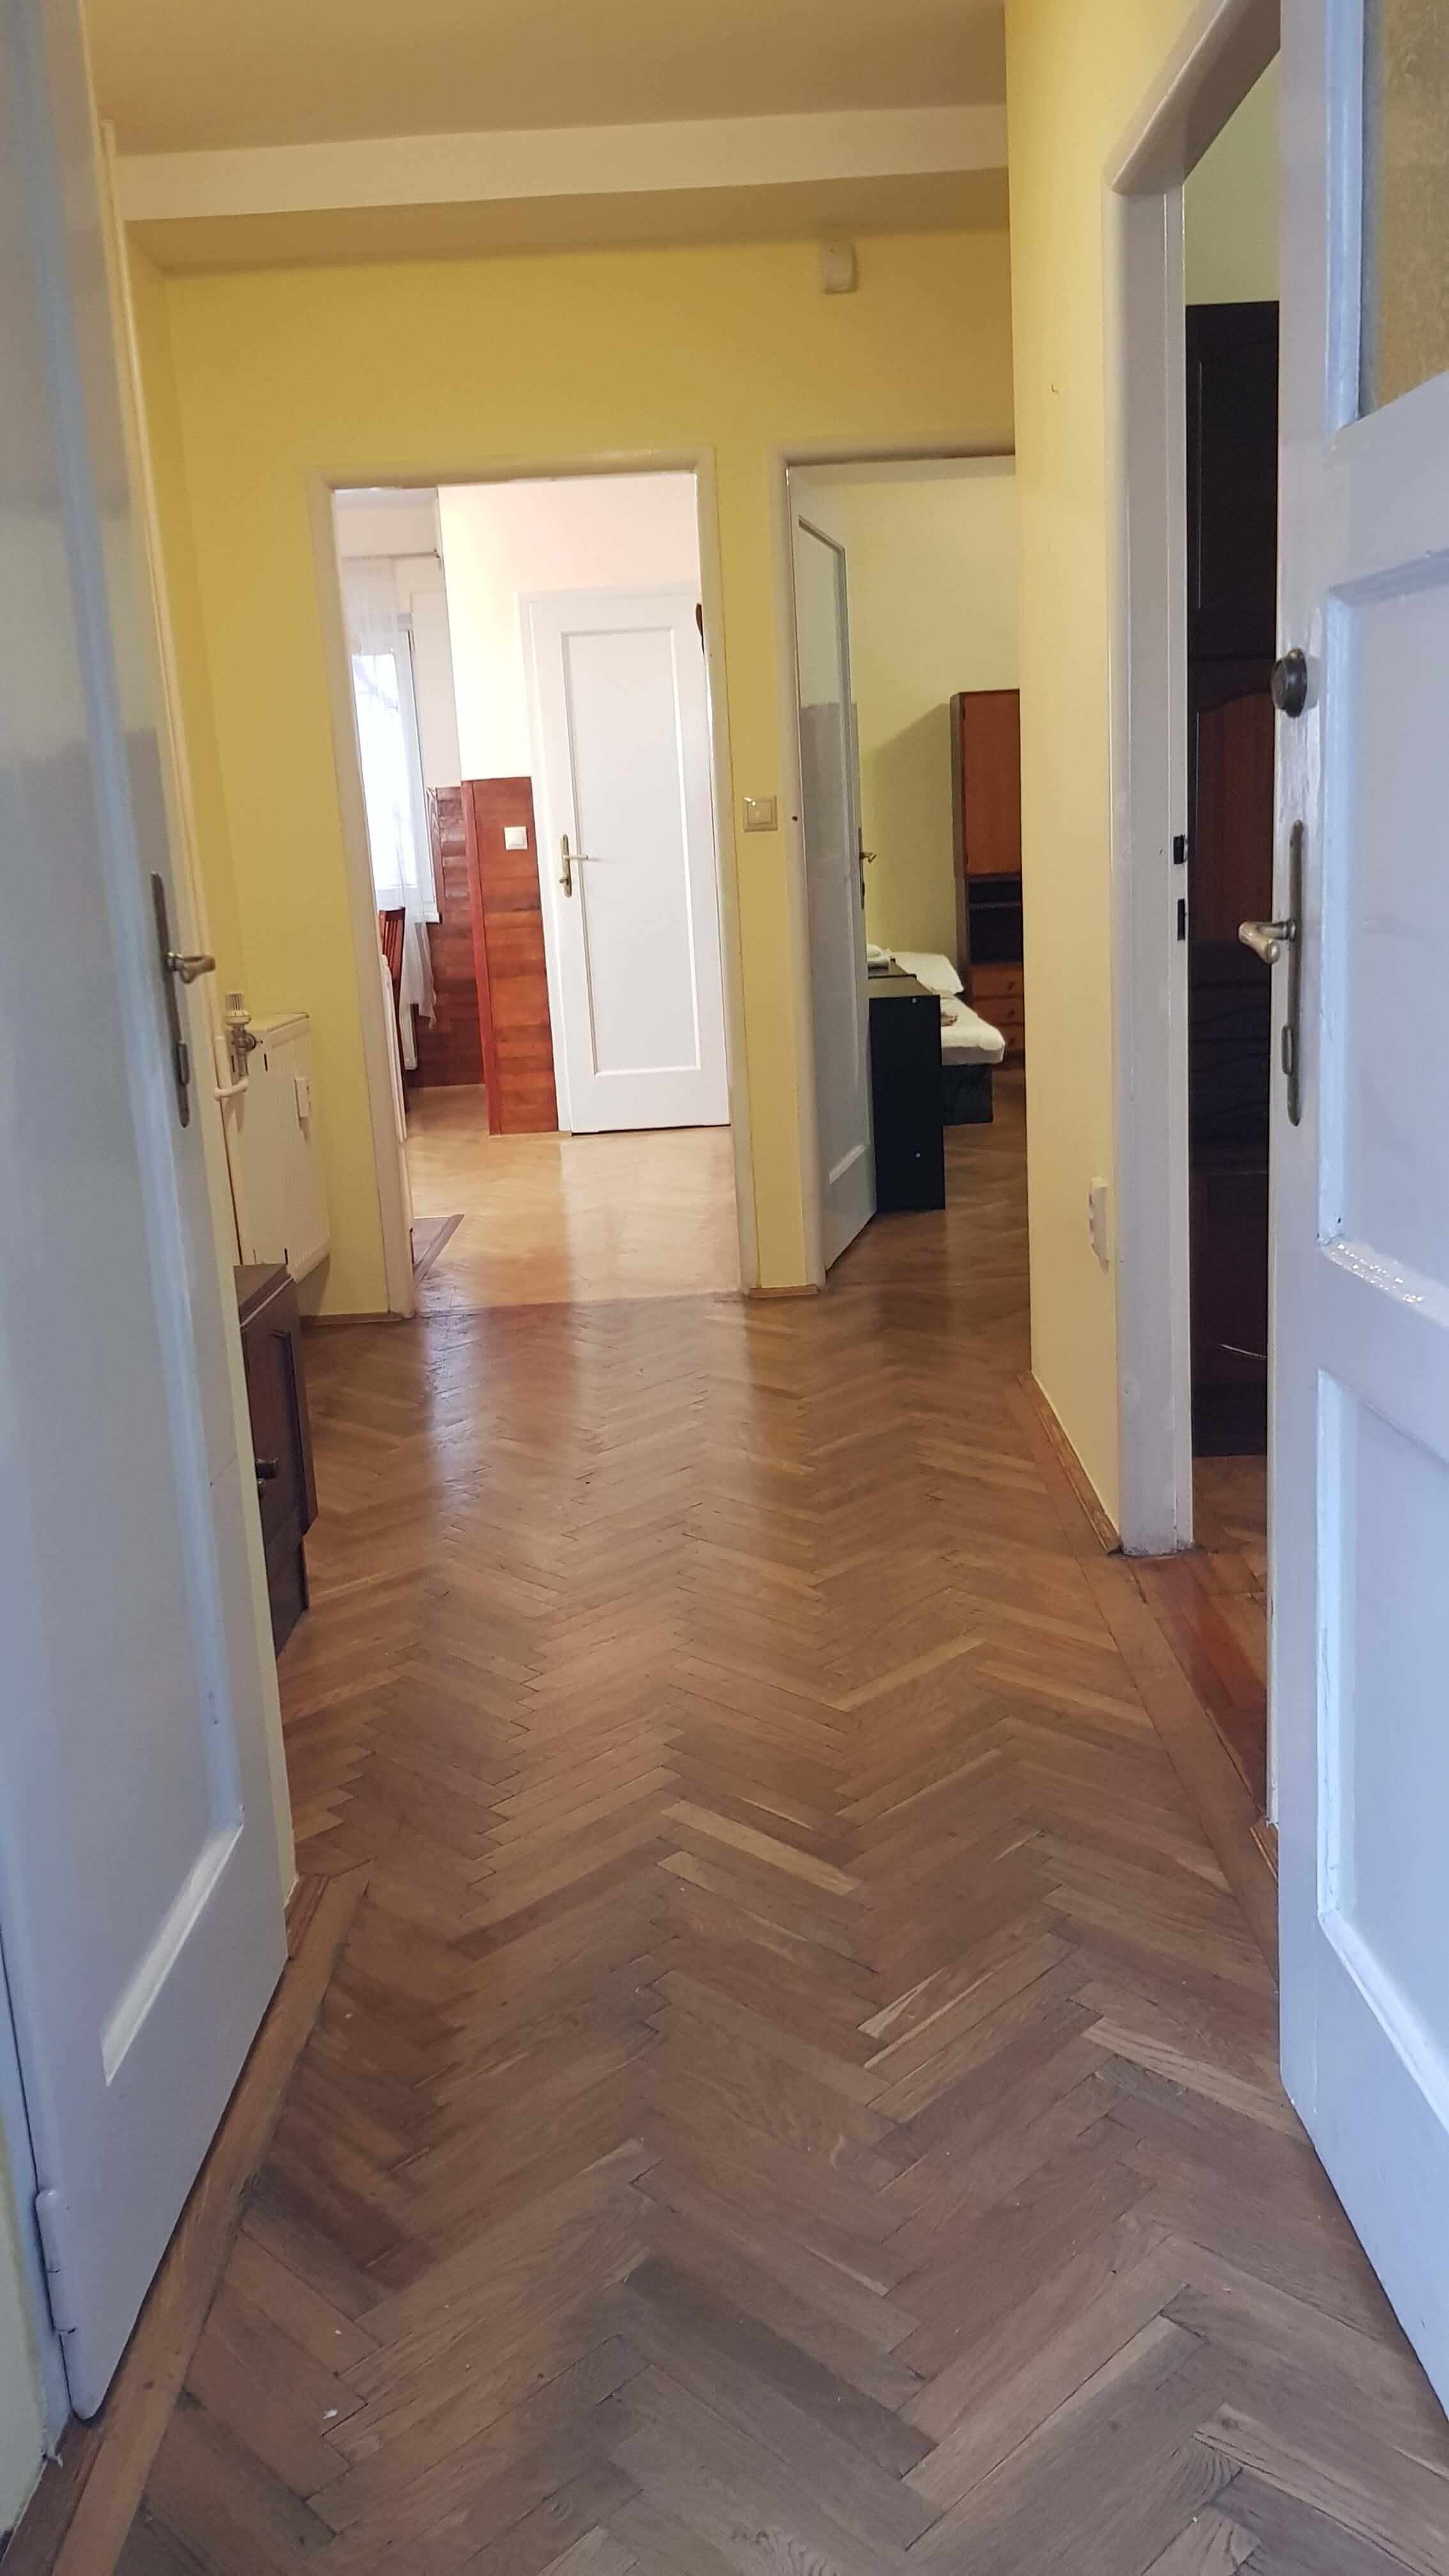 Prenájom jednej izby v 2 izb. byte, staré mesto, Šancová ulica, Bratislava, 80m2, zariadený-6